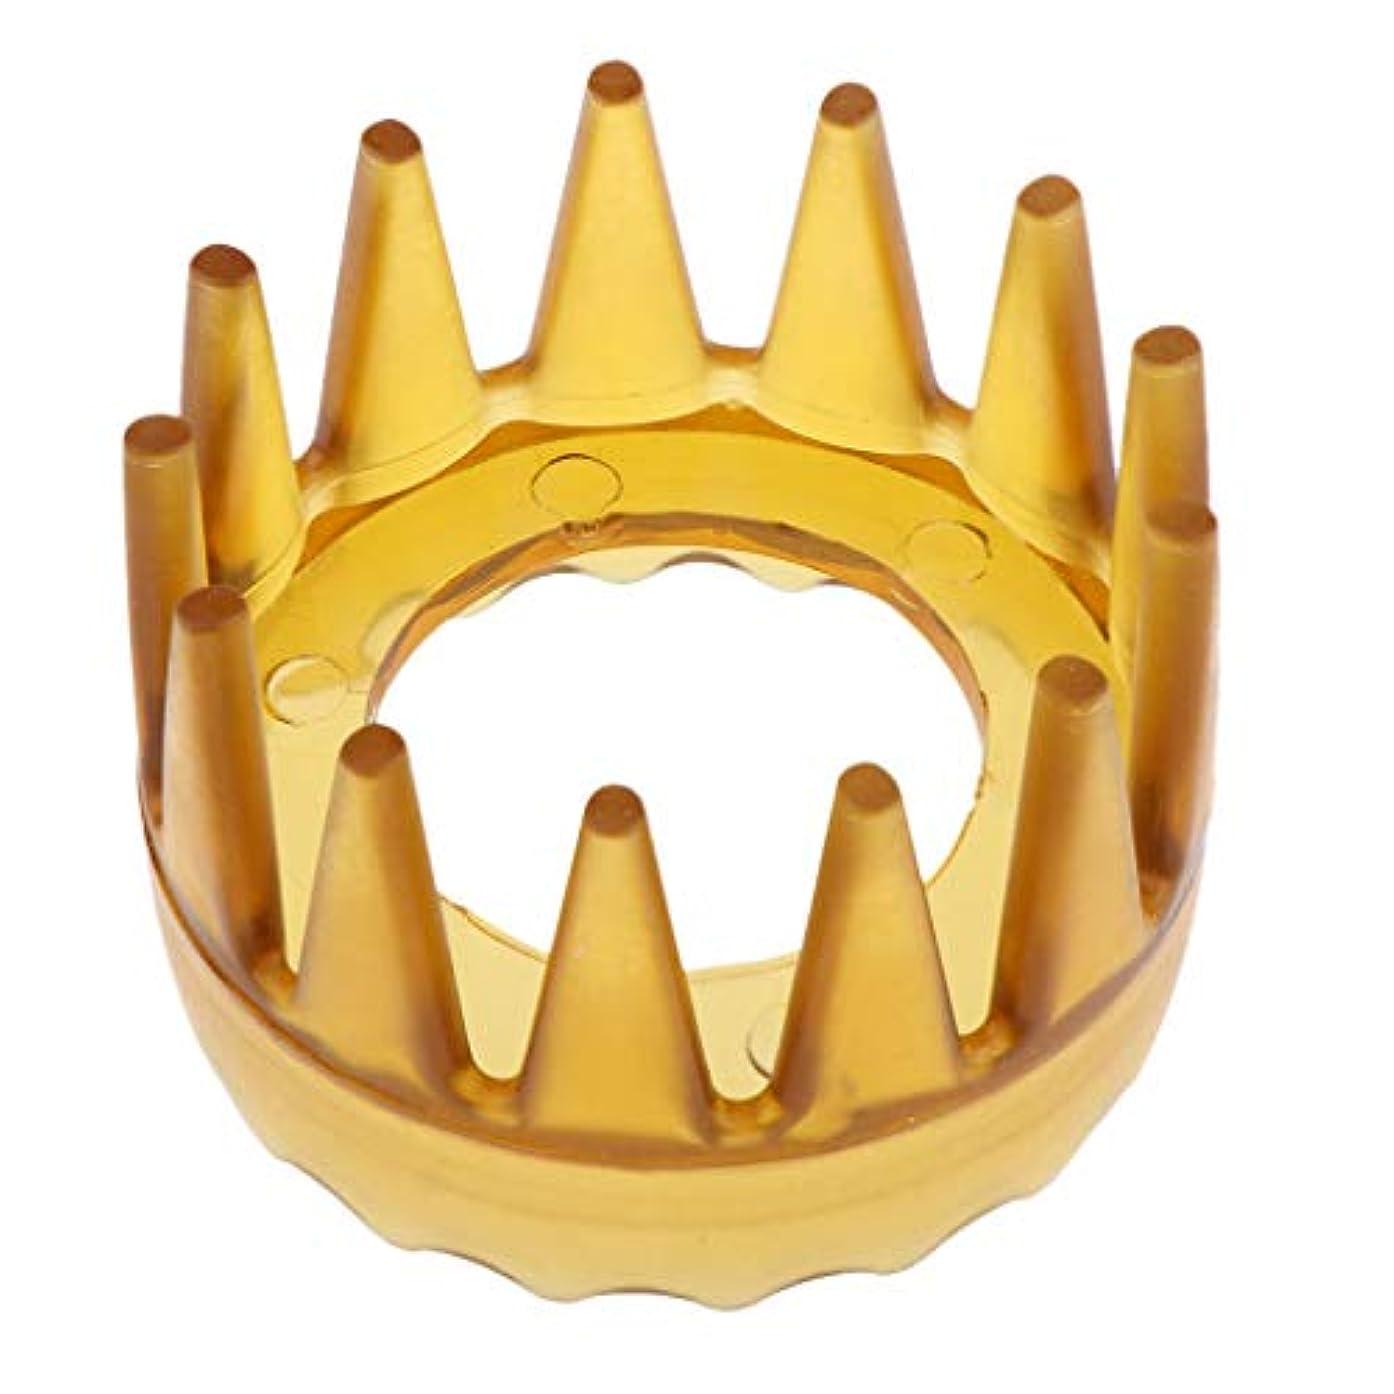 動作ジャンクトロピカルF Fityle ヘアケアブラシ 頭皮マッサージ 滑り止め 櫛 くし 4色選べ - 黄